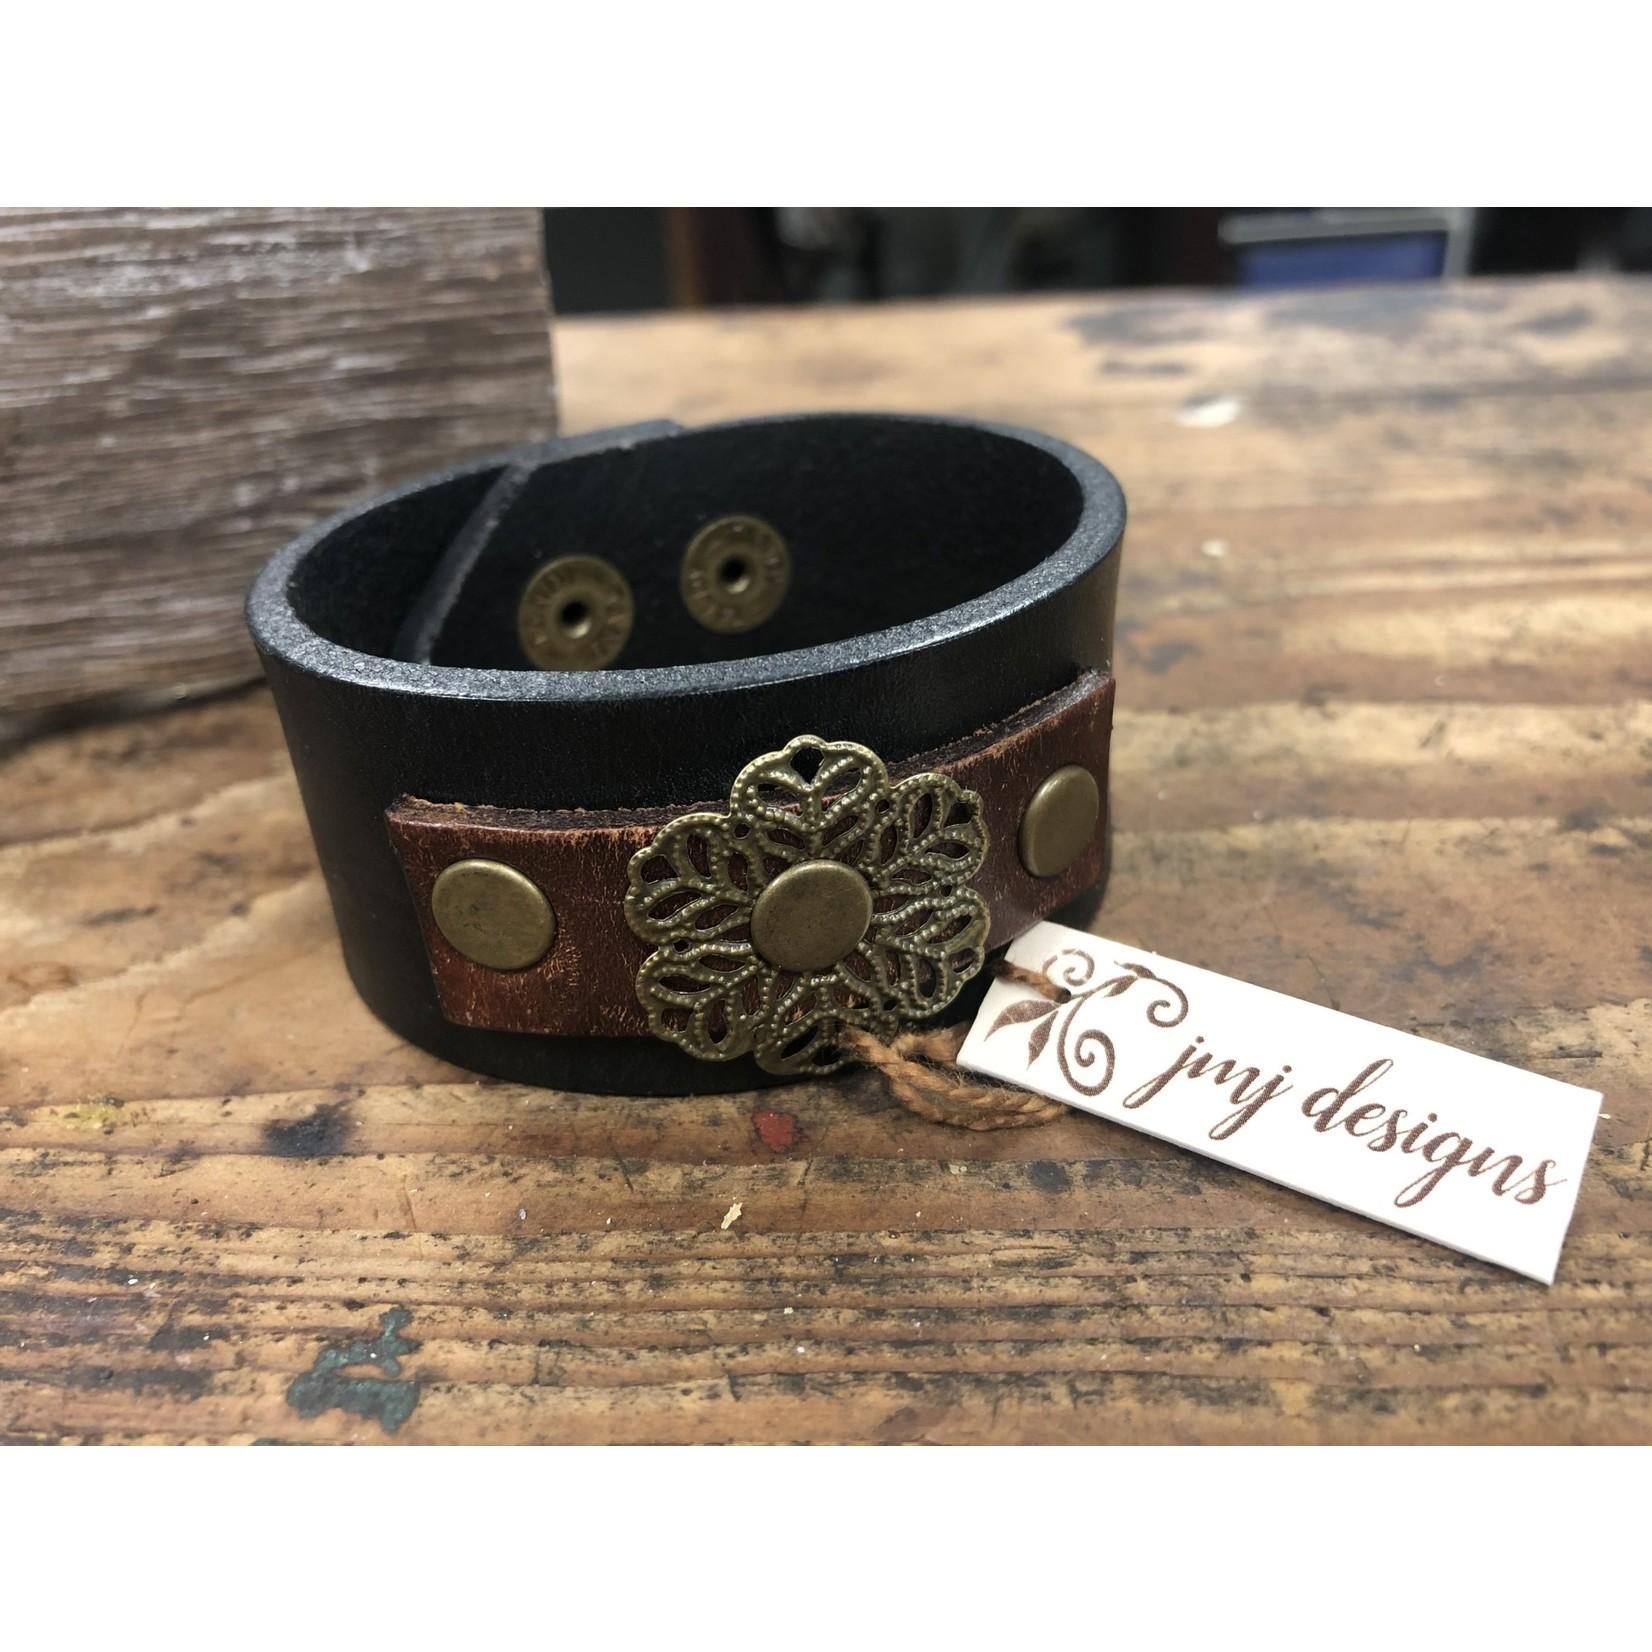 Julia Jones JMJ Designs 120-10 Leather Belt Bracelet - Brass Flower